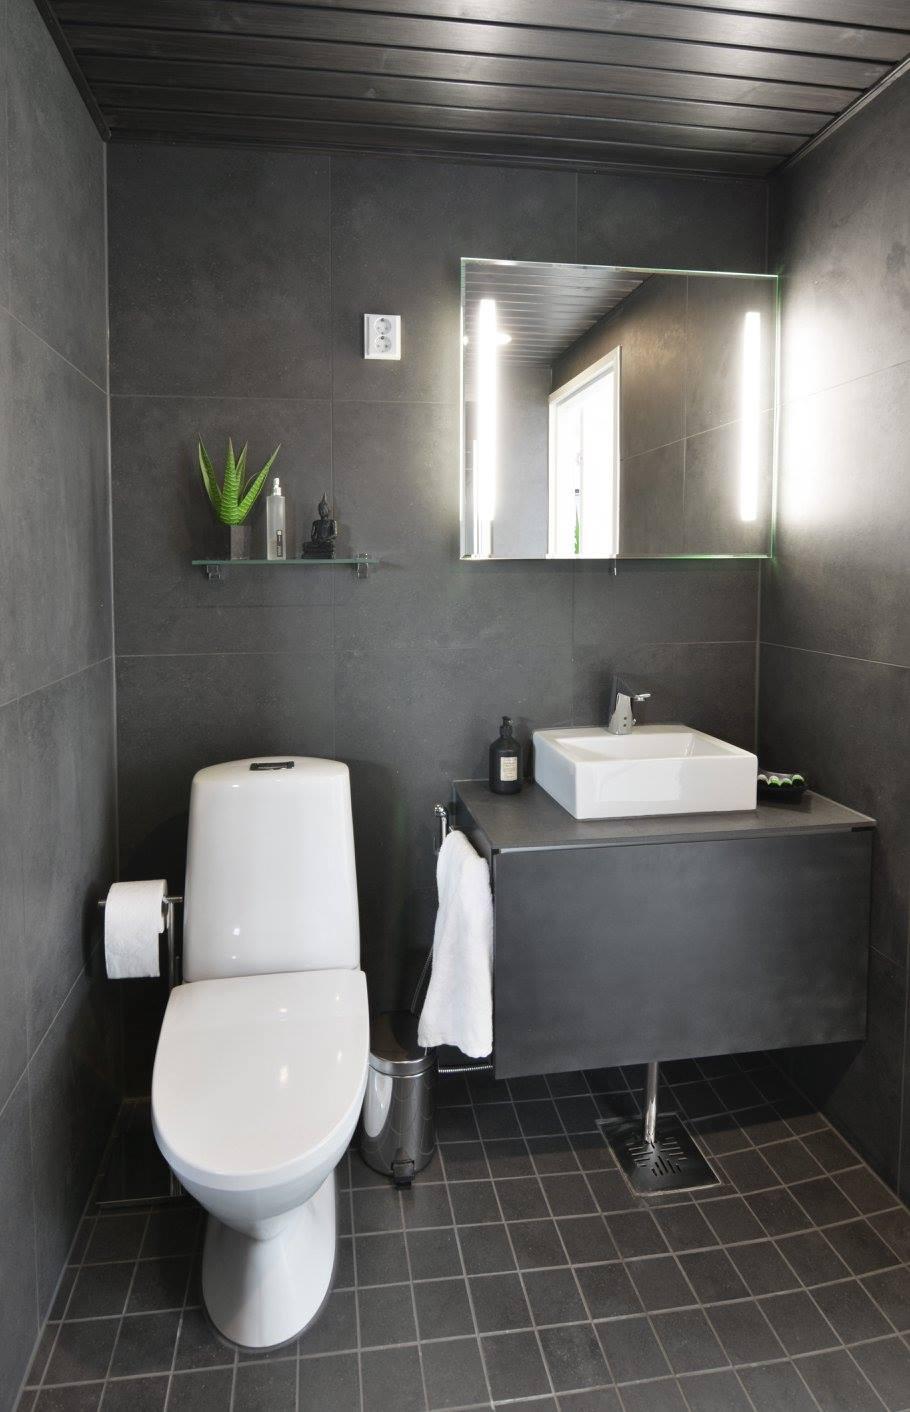 hotellitunnelmaa-kerrostalokotiin-wc